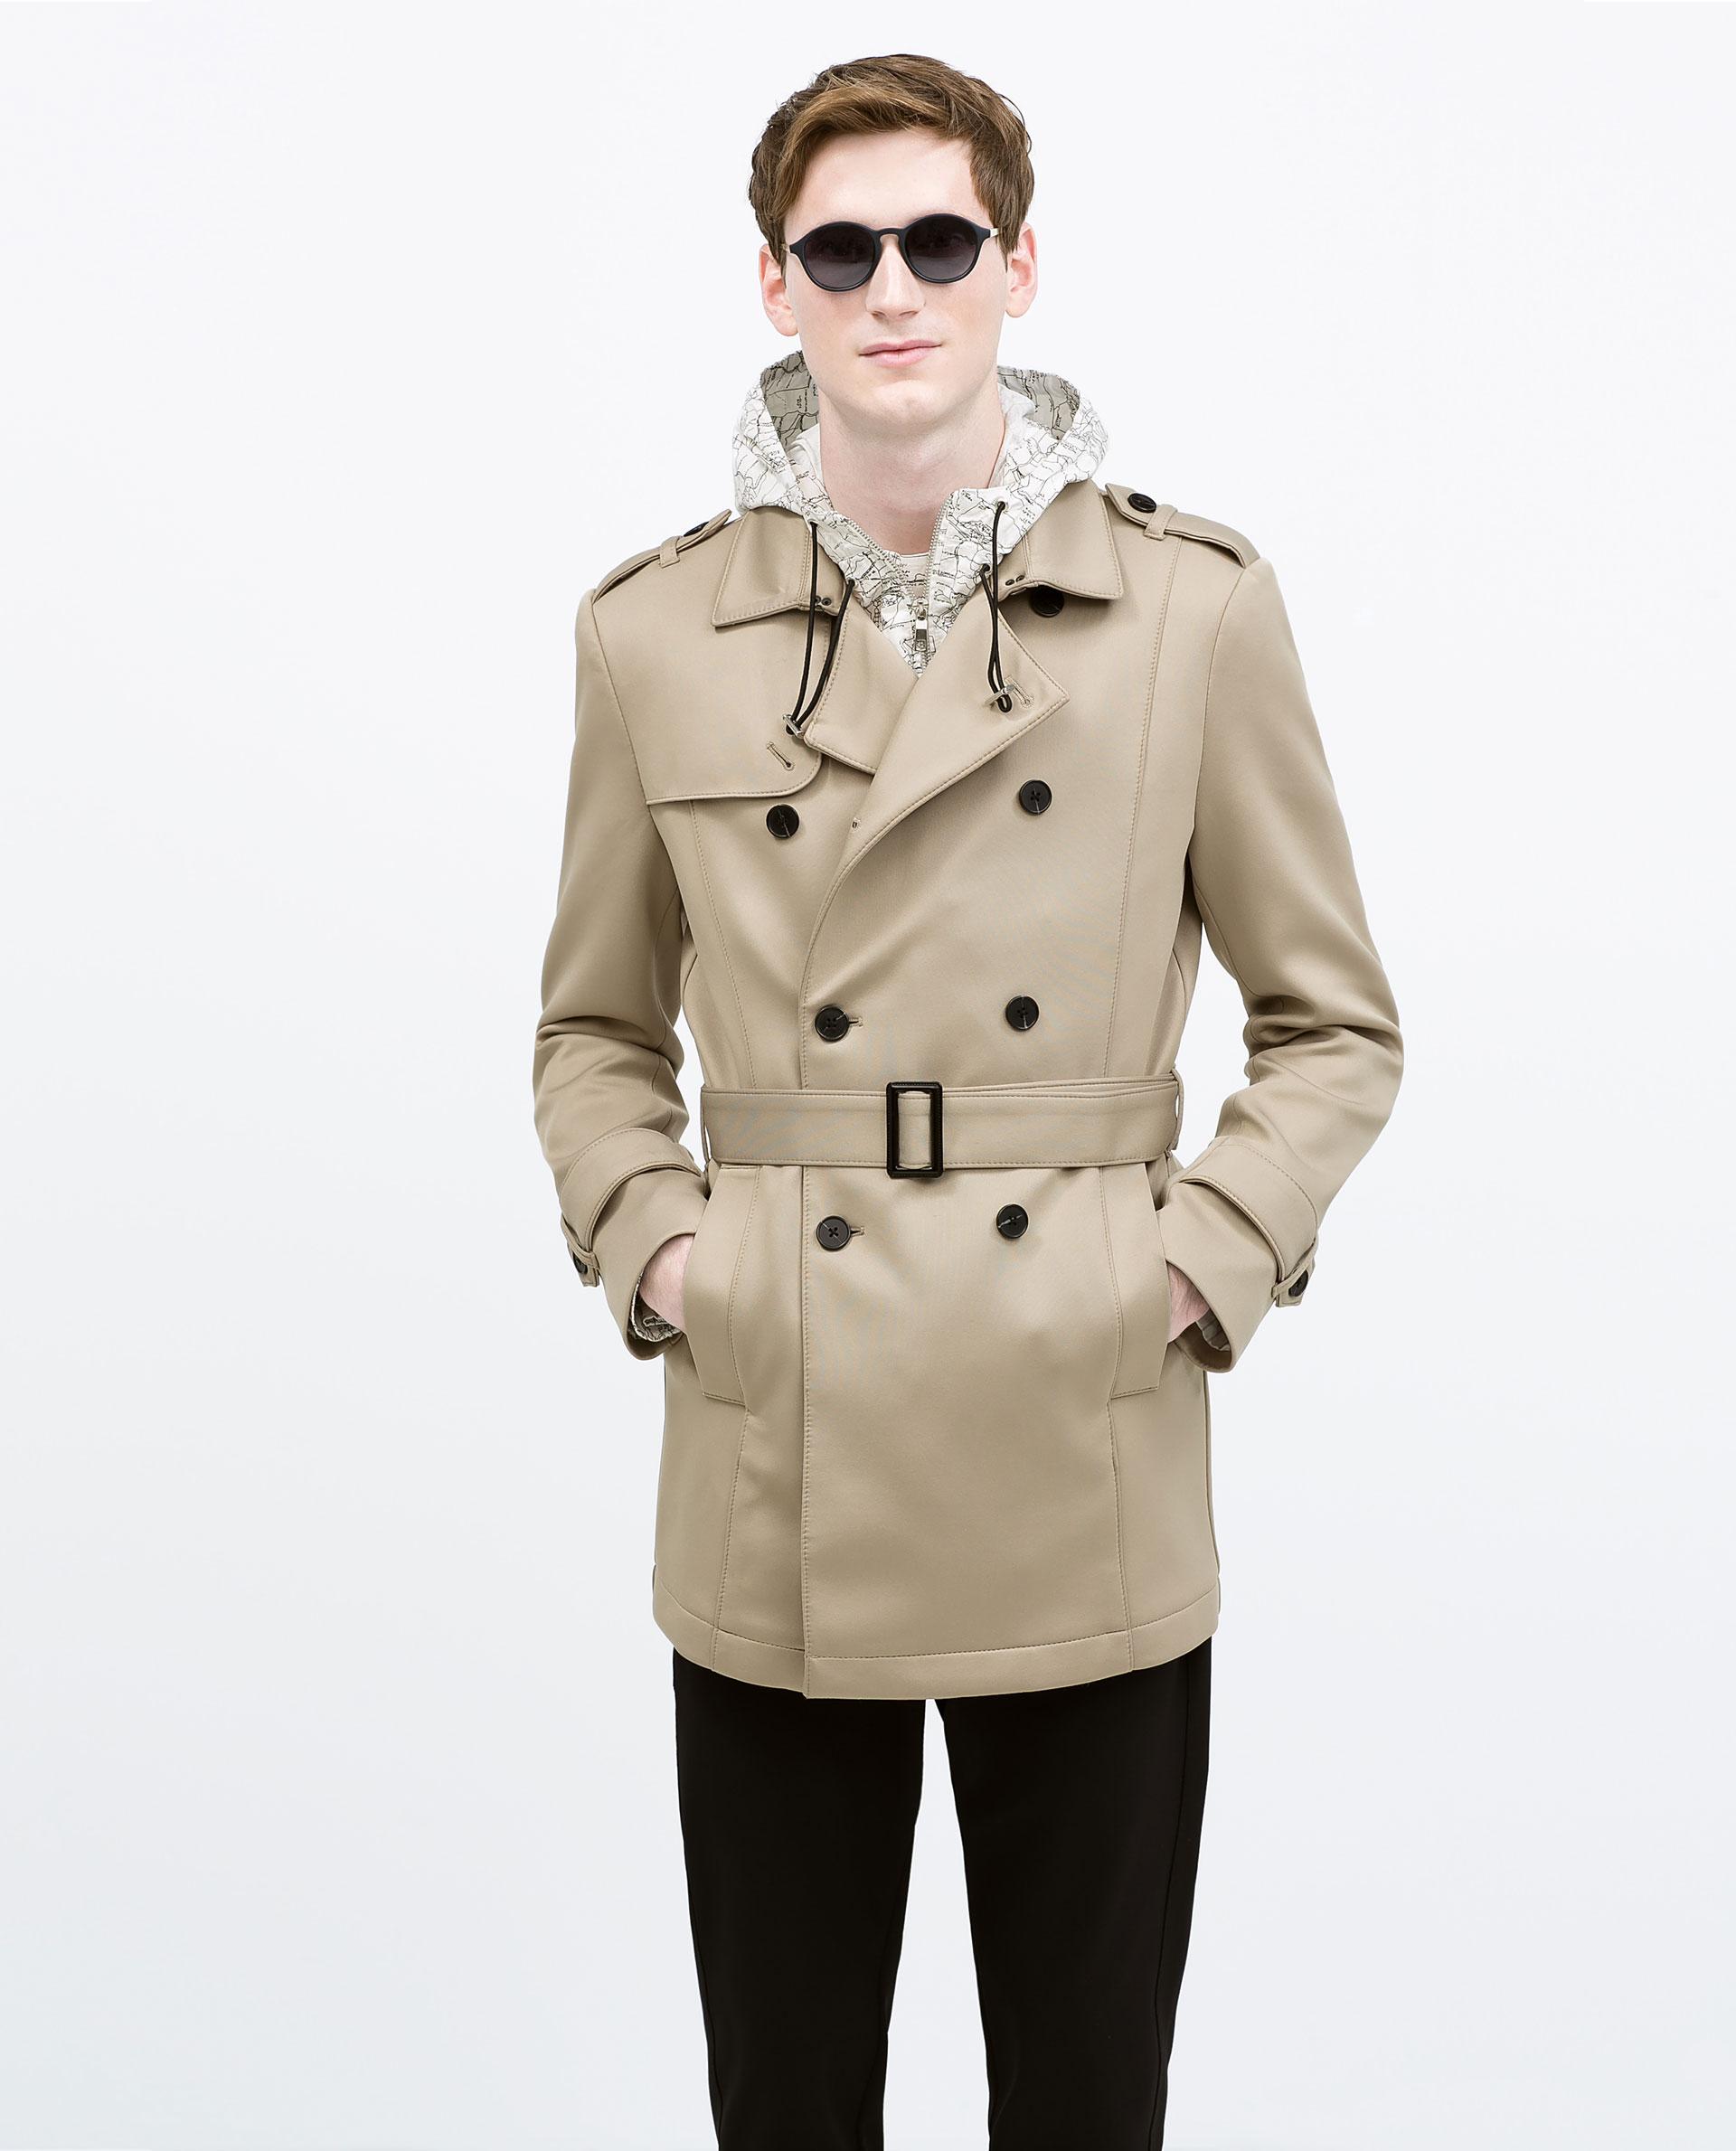 Zara Short Trench Coat Mens - Tradingbasis